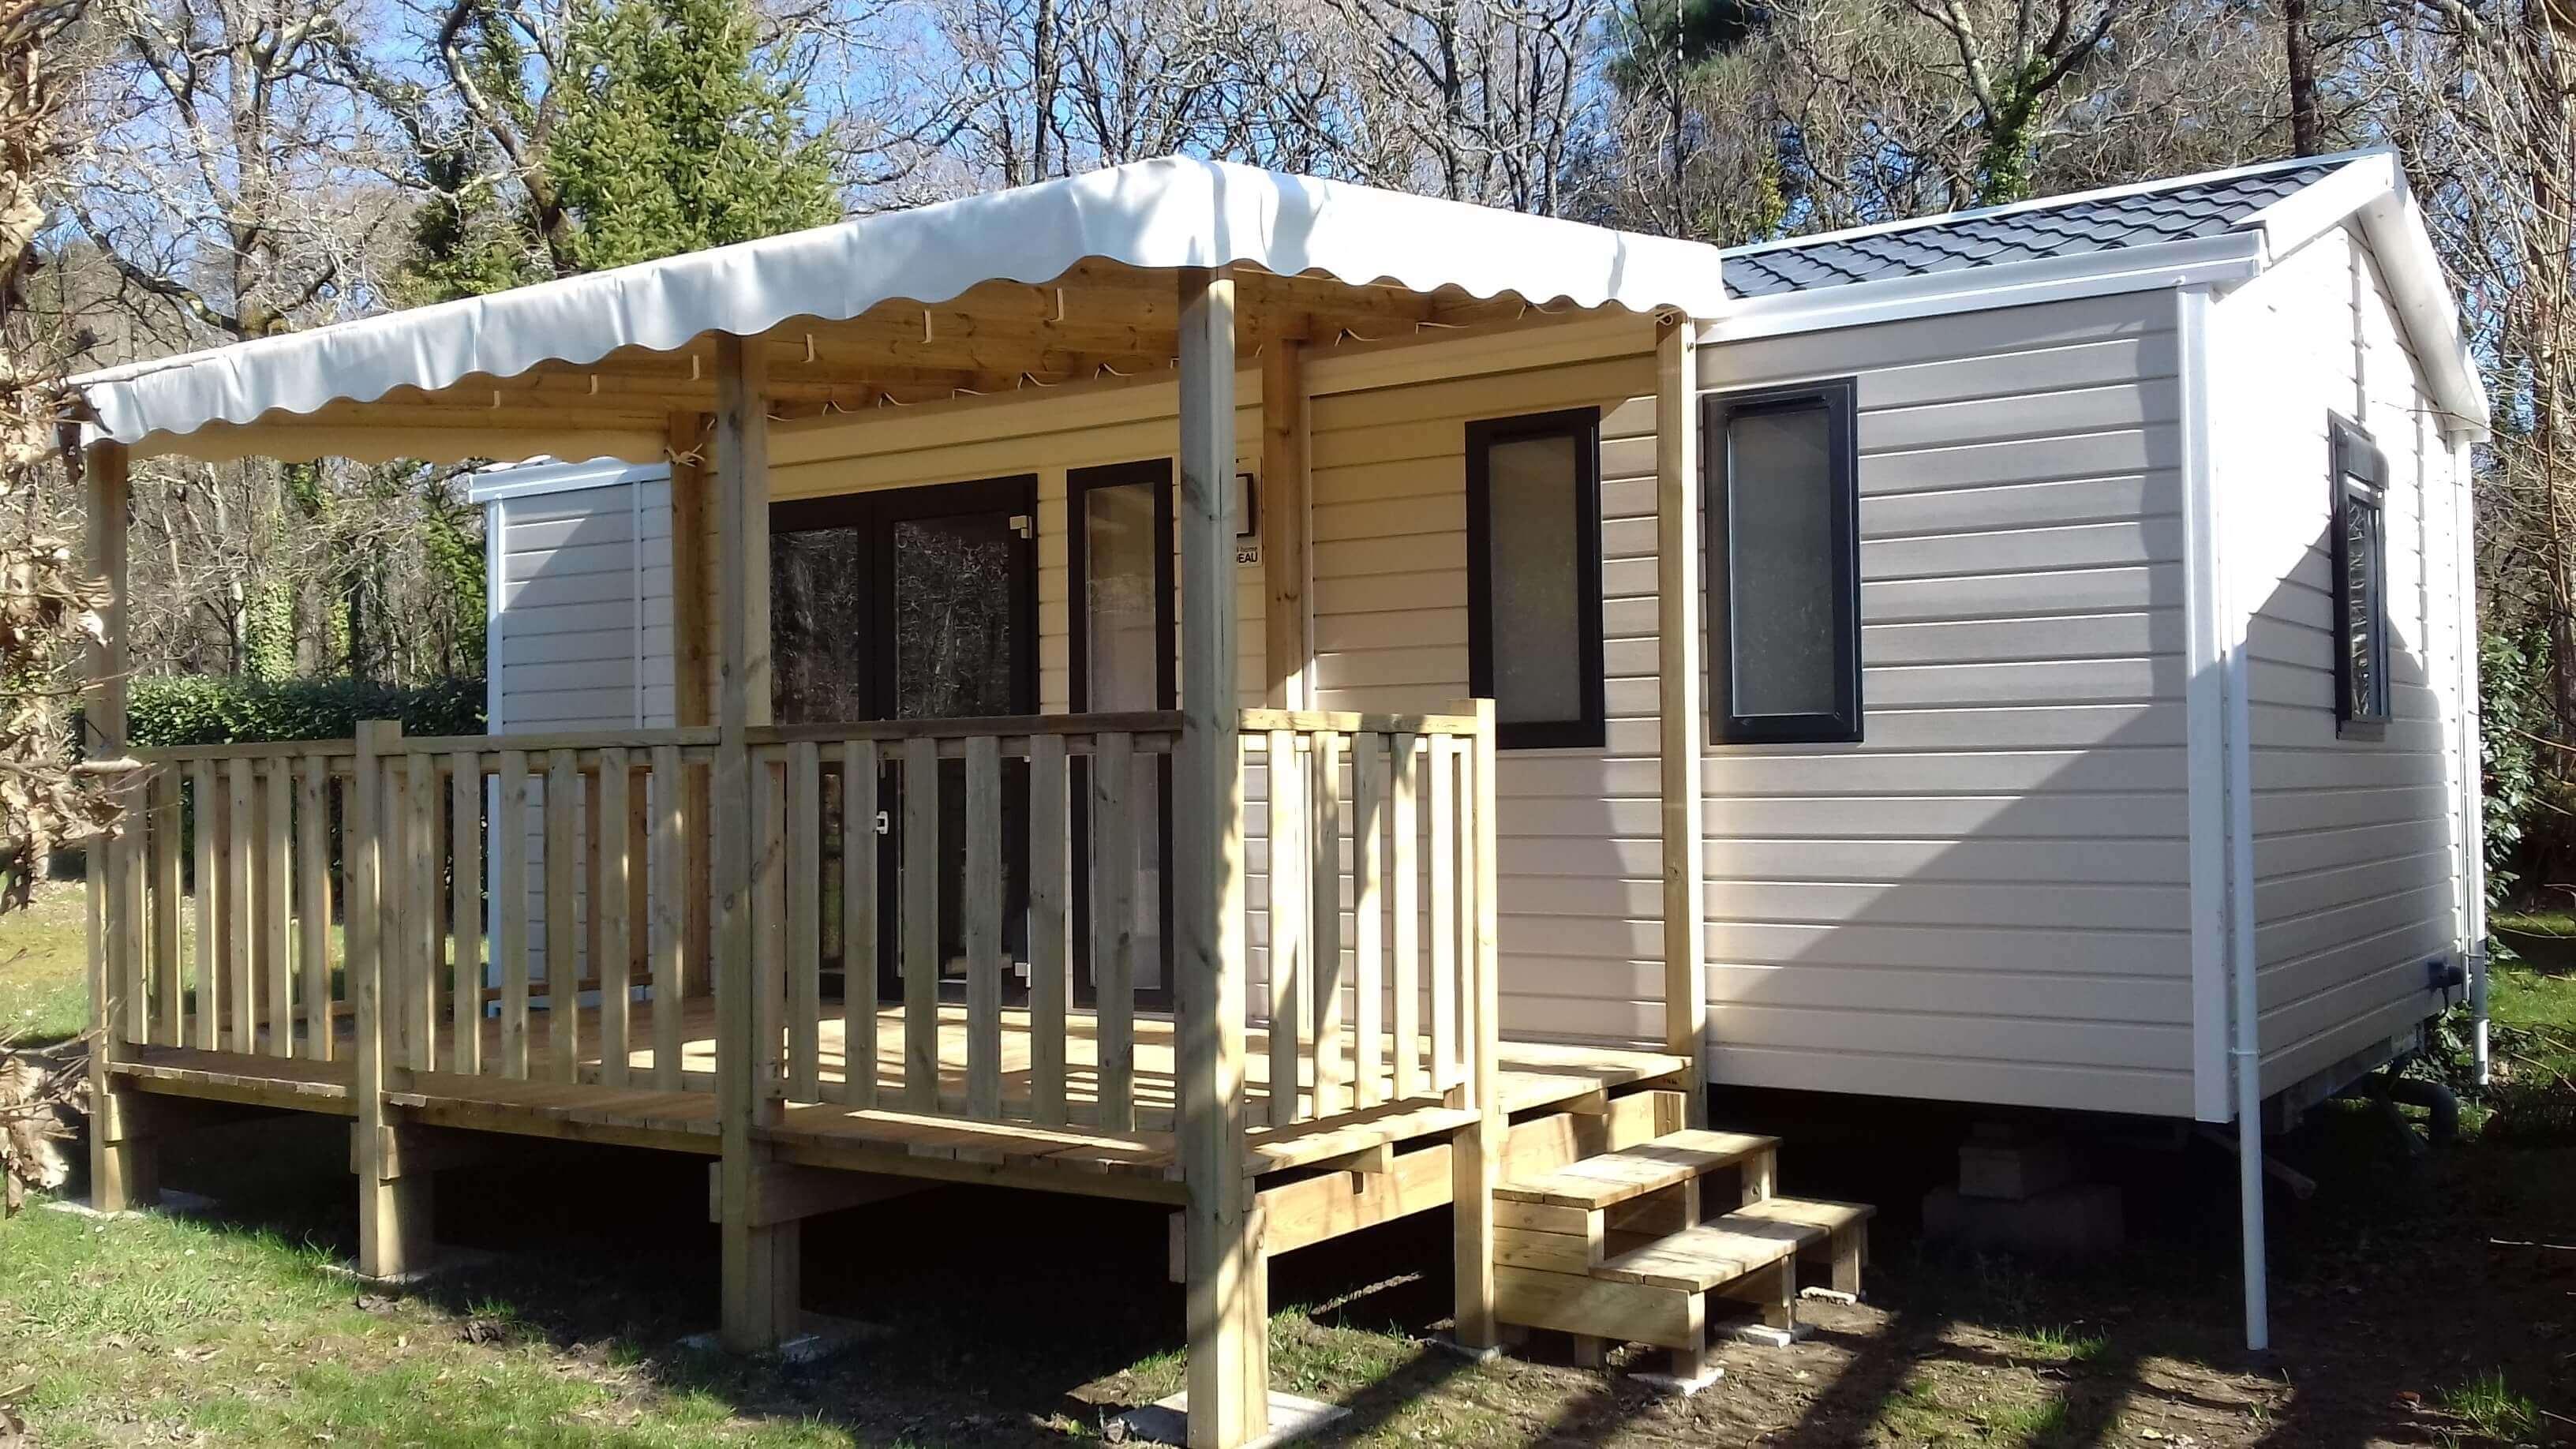 mobilhome 2 chambres confort bahia neuf, morbihan, carnac,auray